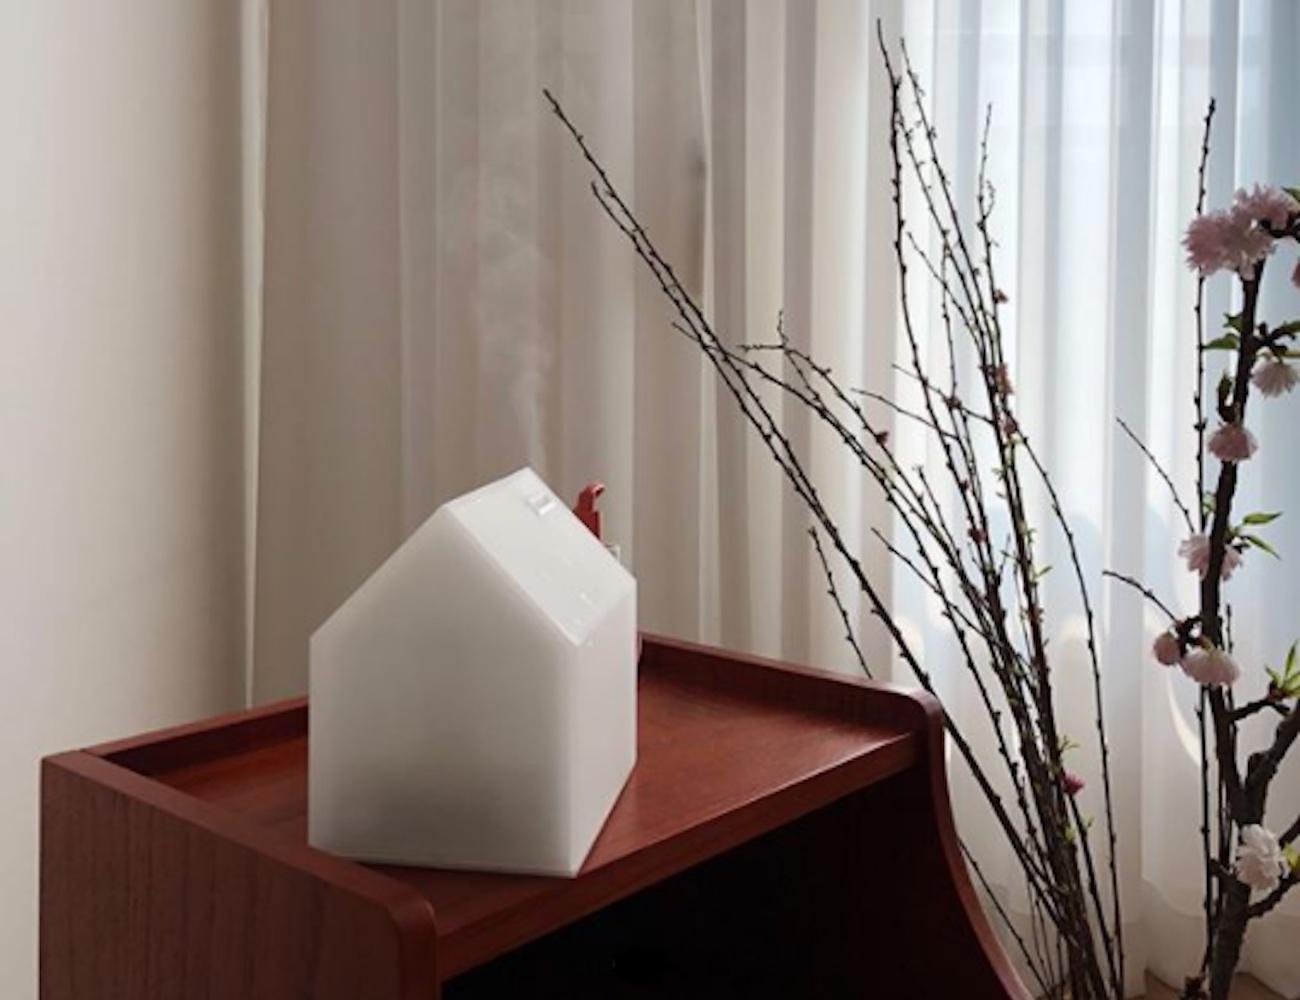 Cloudandco 11+ Minimalist House Aroma Diffuser